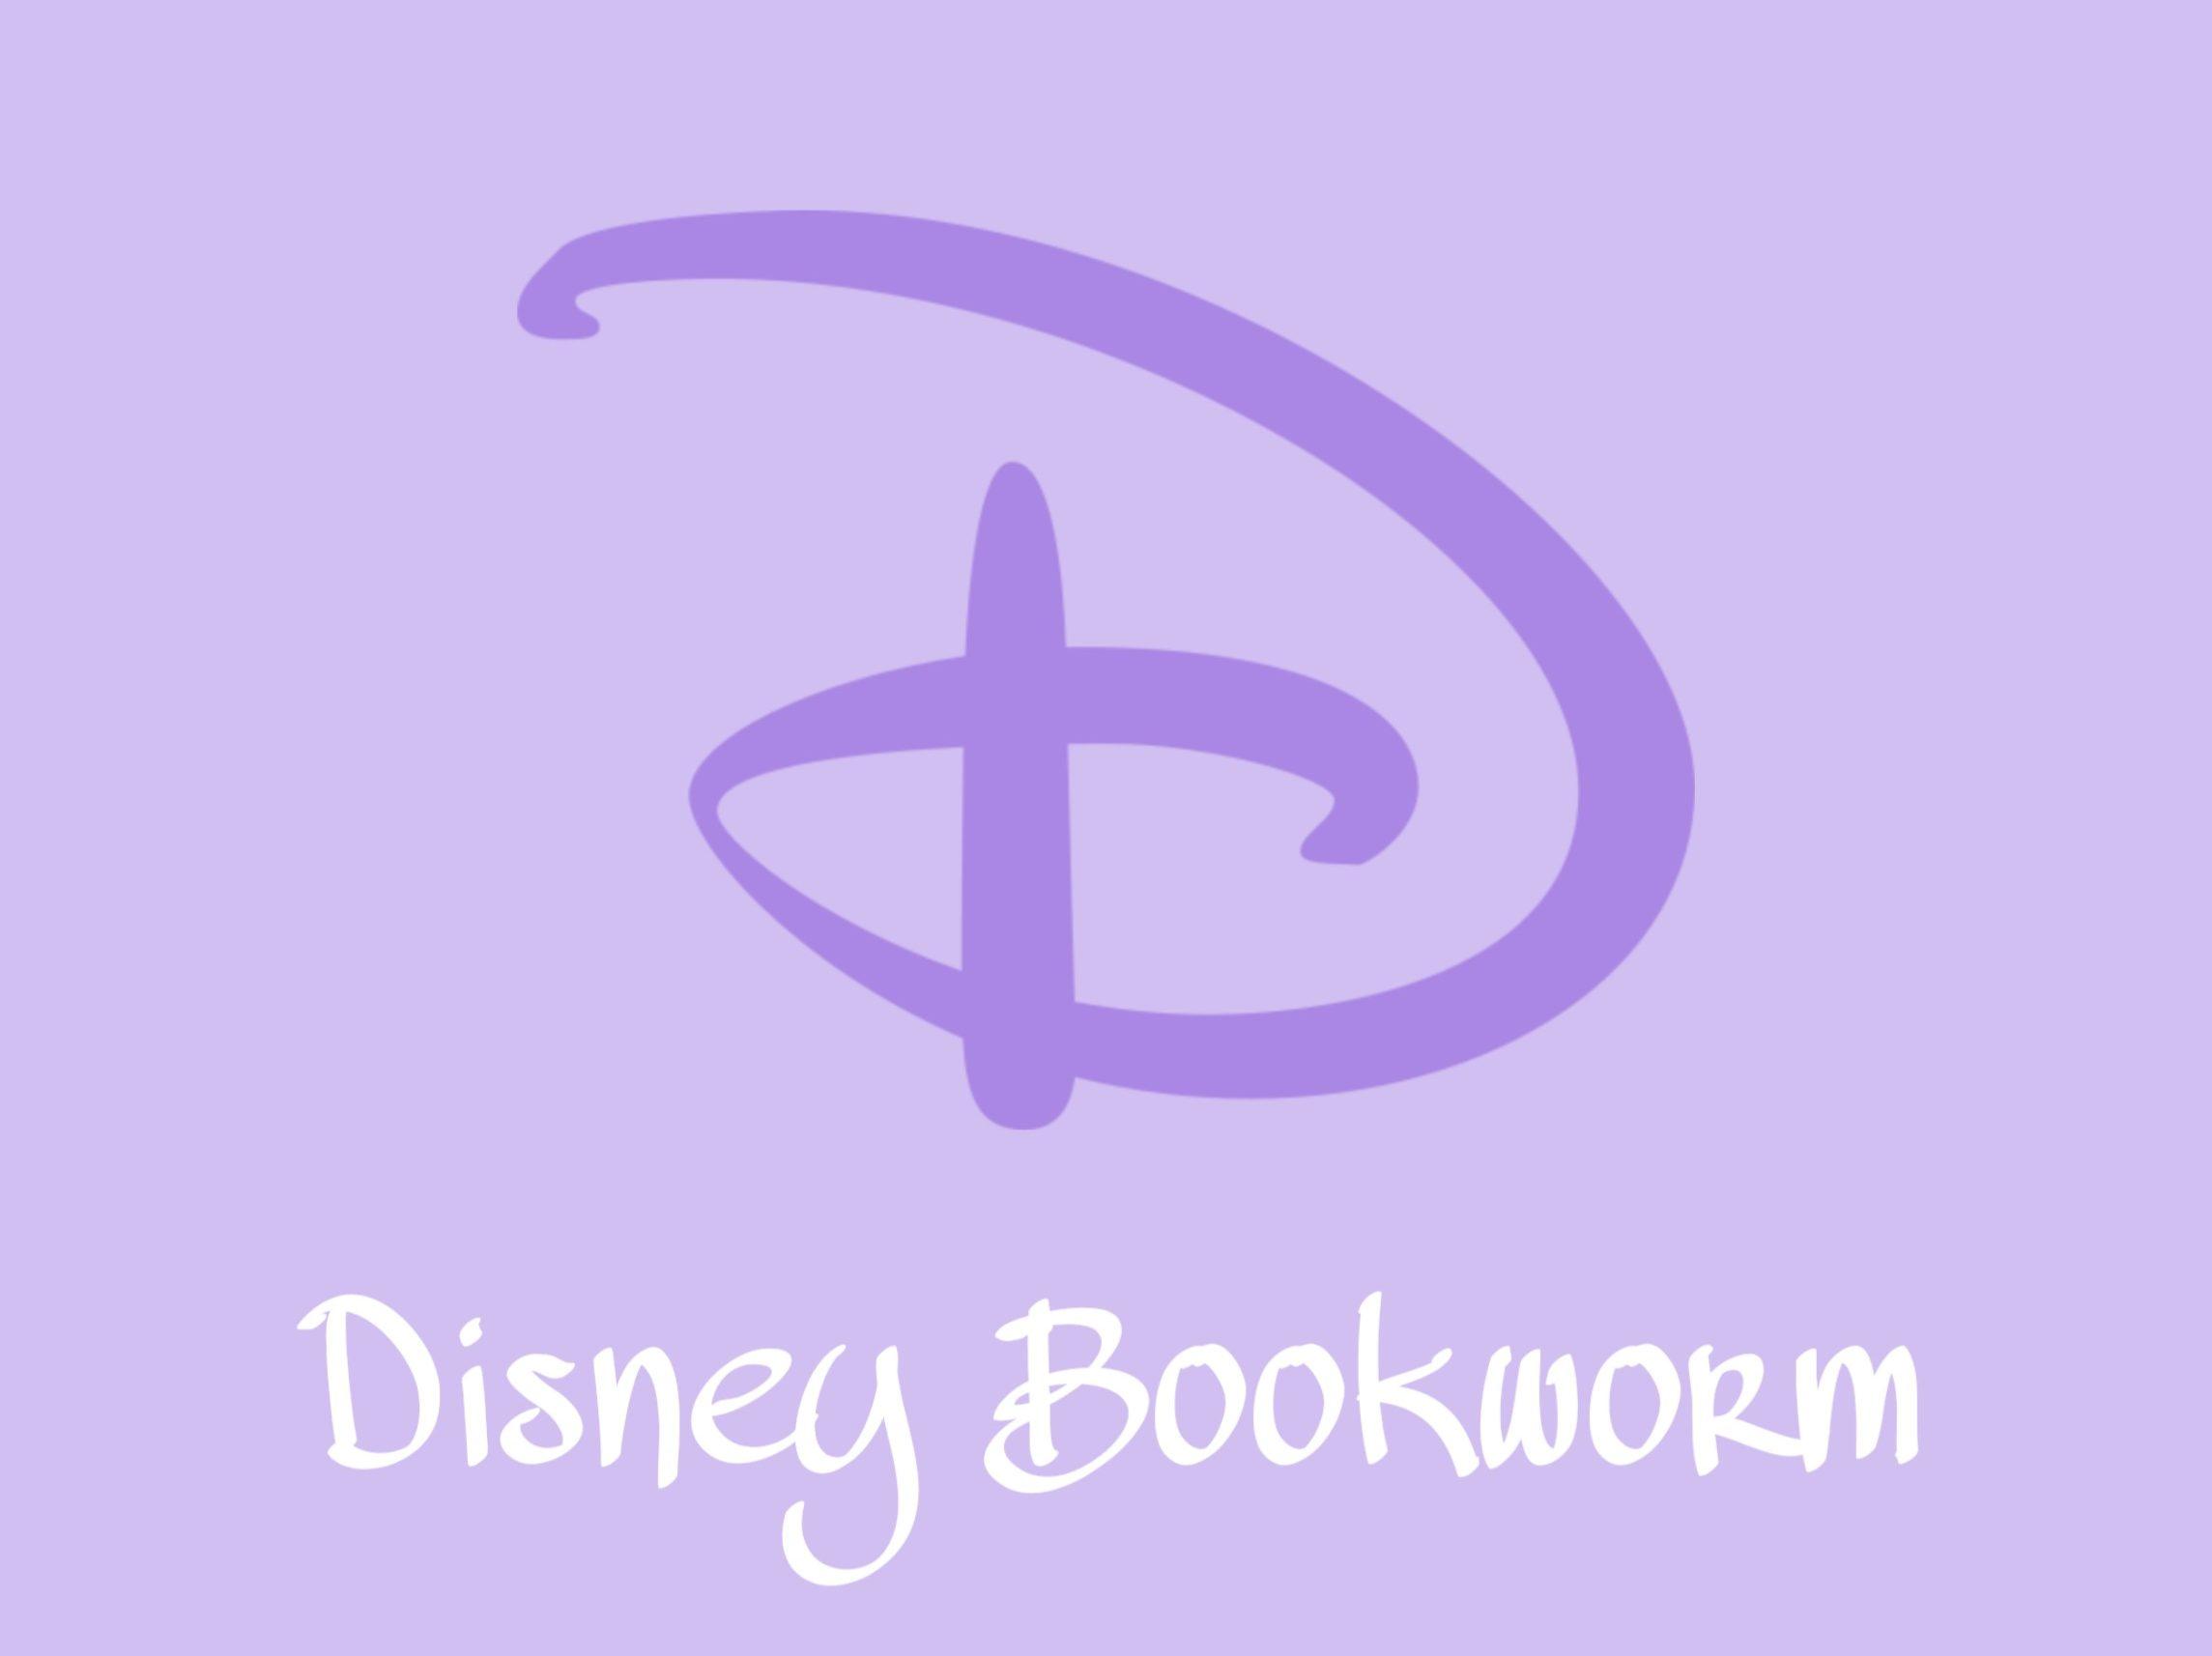 The Disney Bookworm